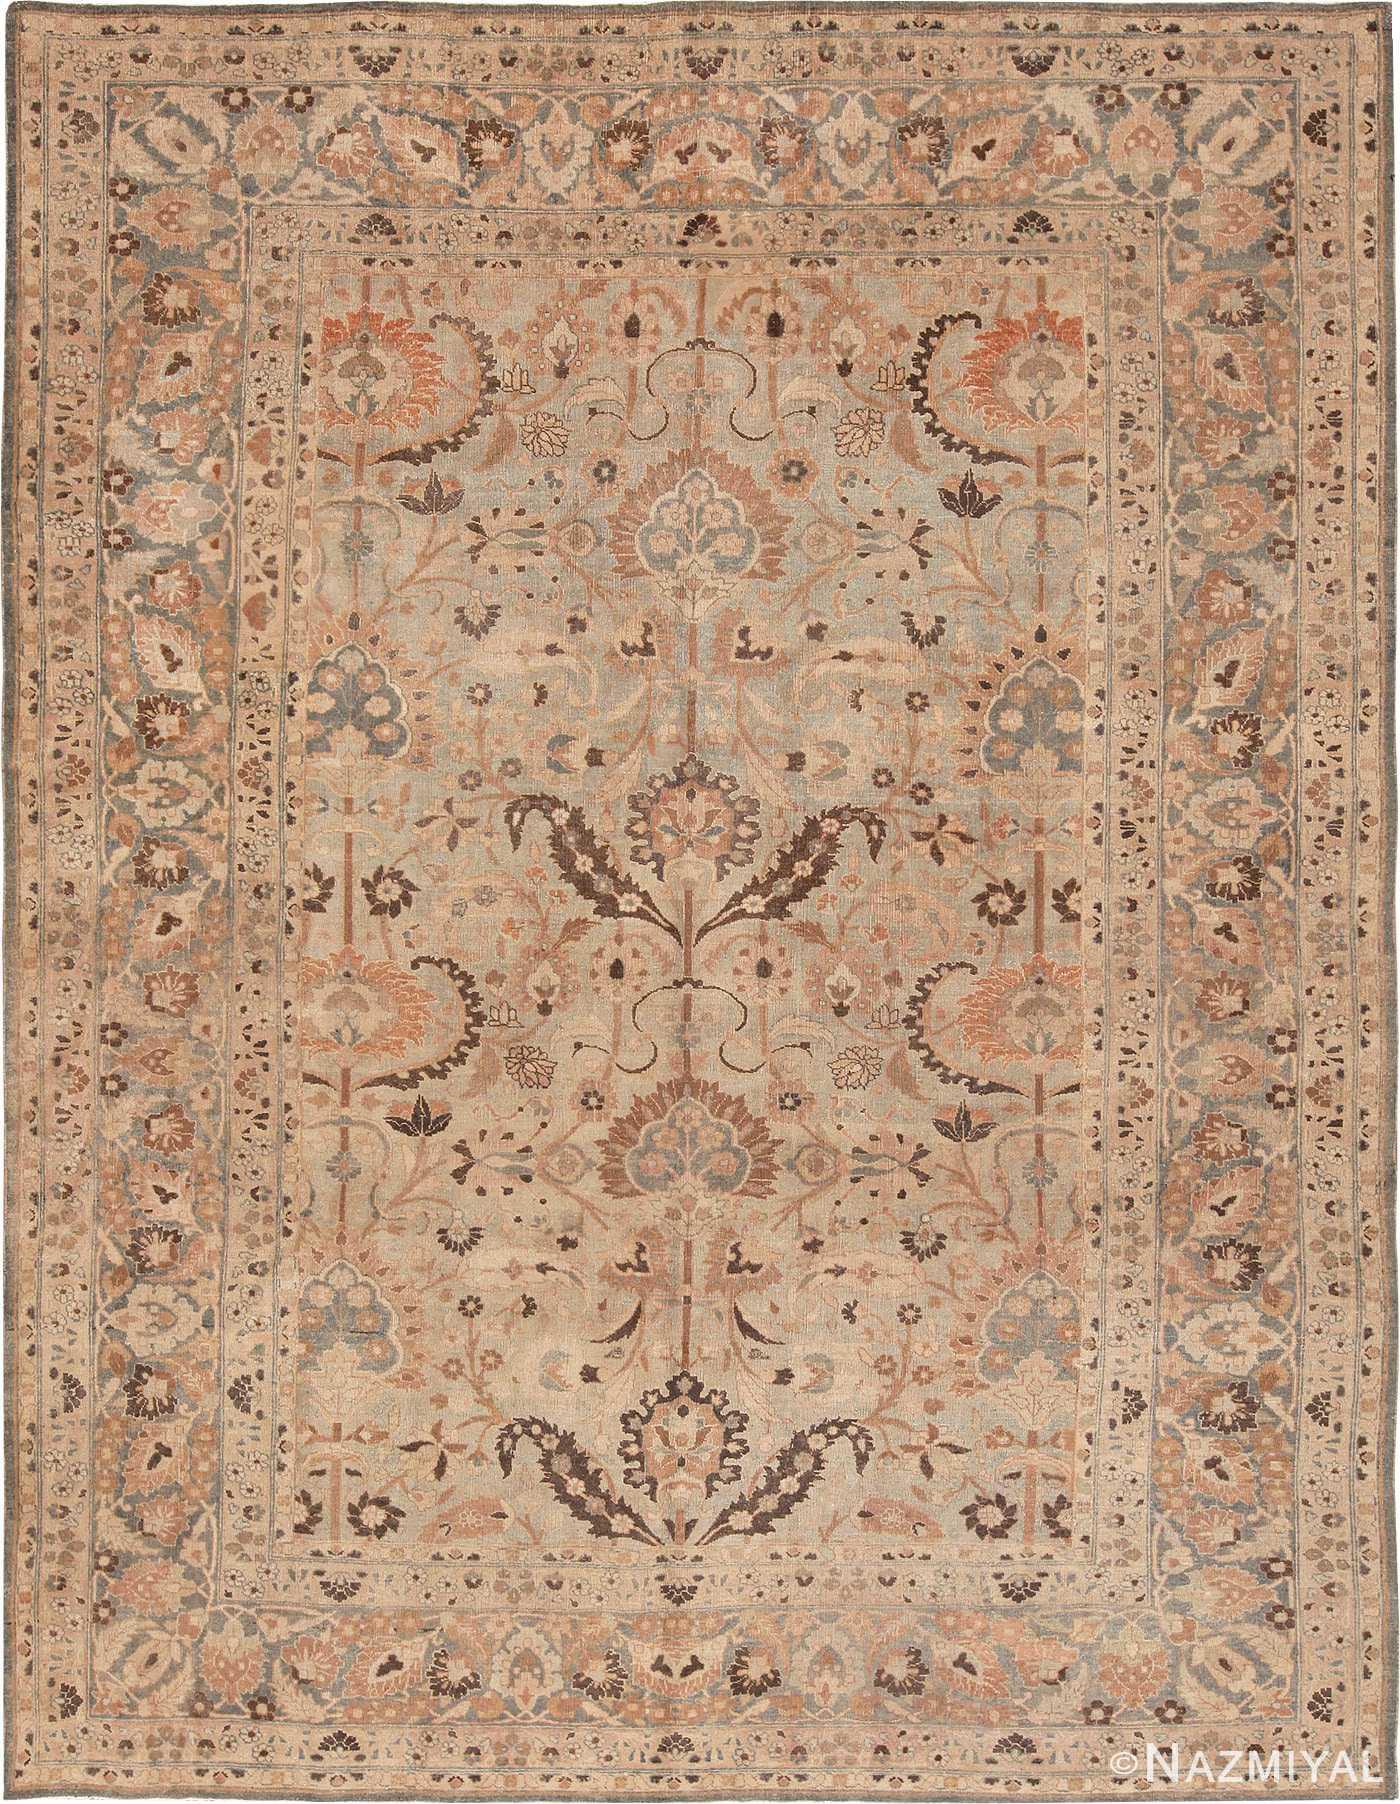 Nazmiyal Antique Rugs